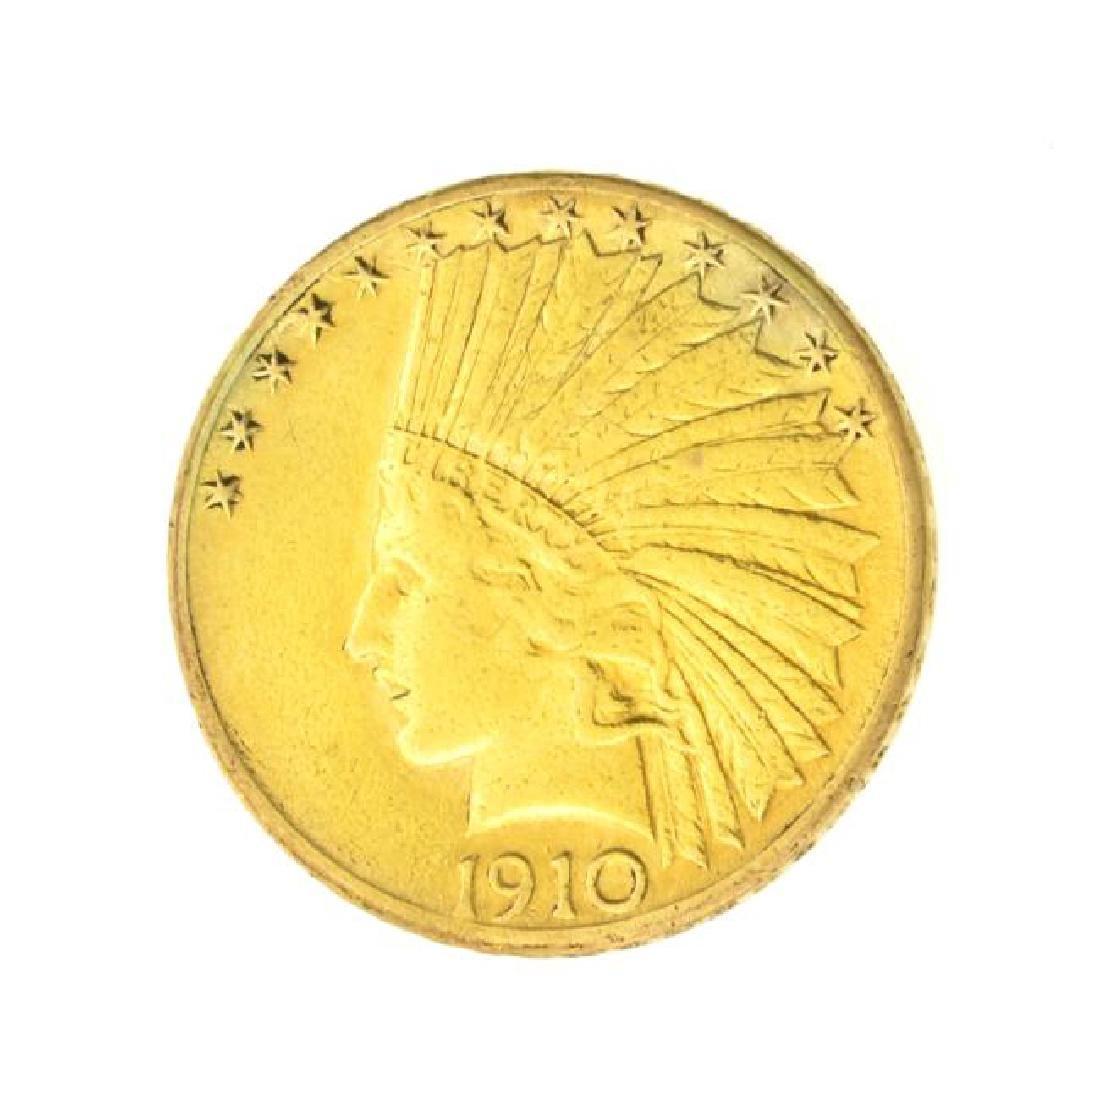 1910-D $10 U.S. Indian Head Gold Coin (JG)